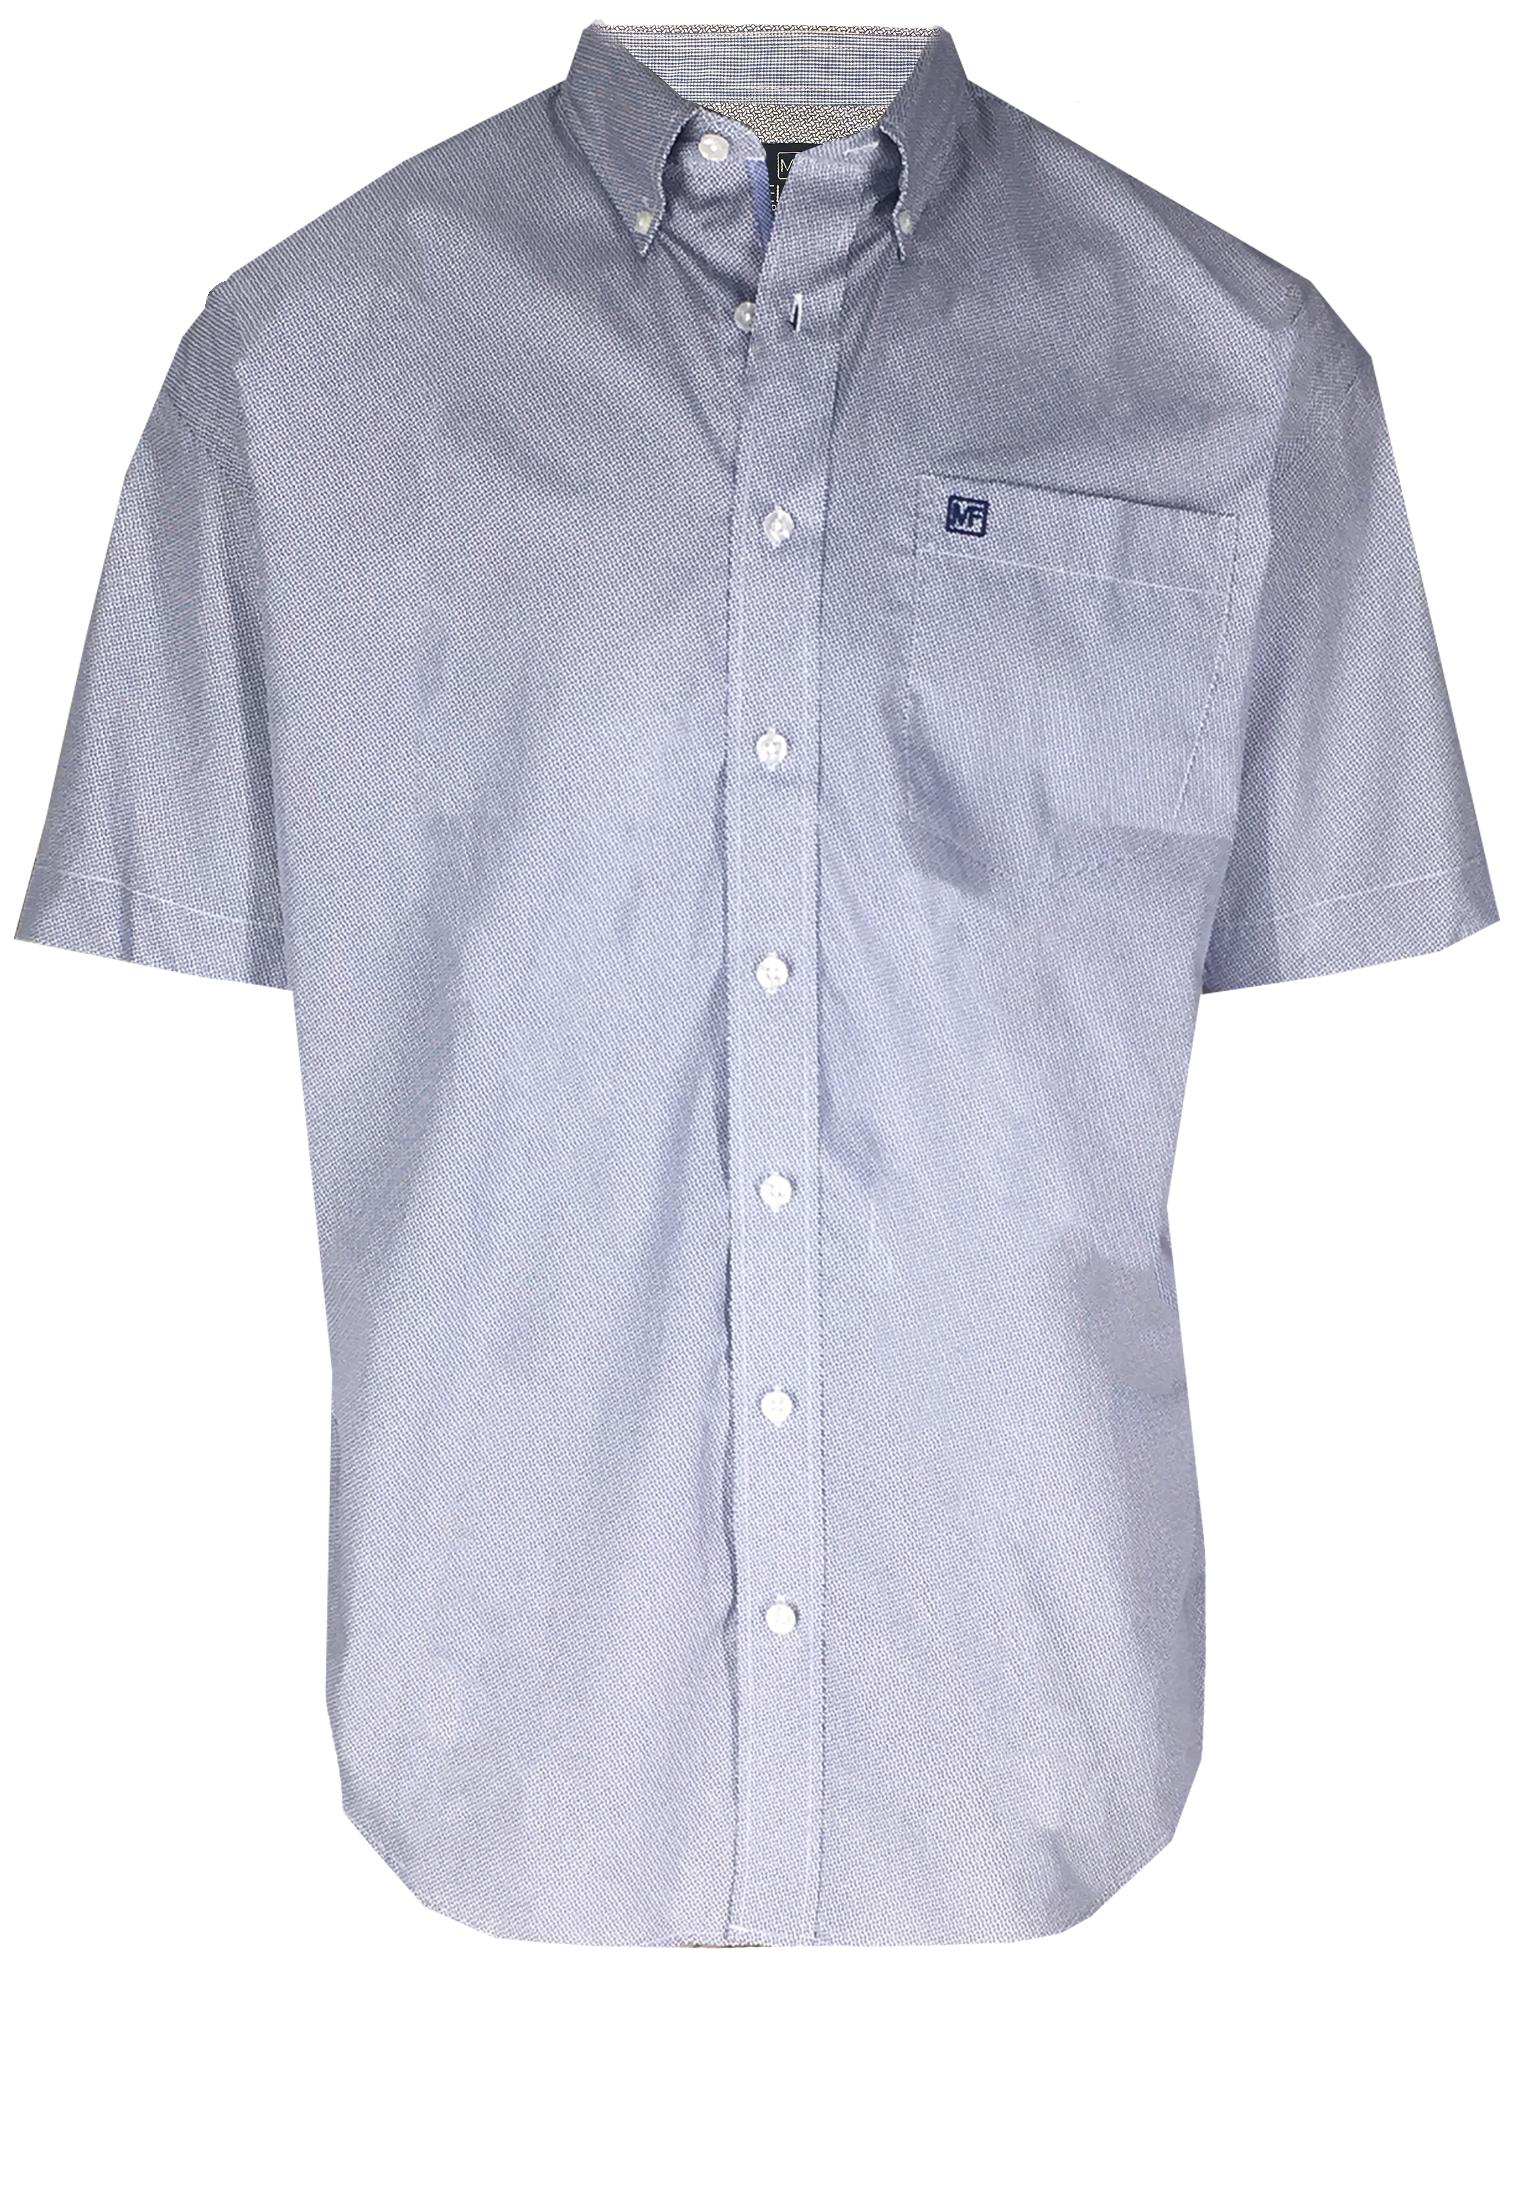 Overhemd met korte mouwen van Melvinsi uitgevoerd in een regular fit model. De stof heeft een hele fijne blauw witte print met button kraag en witte knopen. Op de linker borst zit een open borstzakje met logo. Het overhemd is rond afgezoomd. Mooi zomers overhemd die u kunt dragen op de warme lente en zomerdagen of leuk onder een trui of vest.